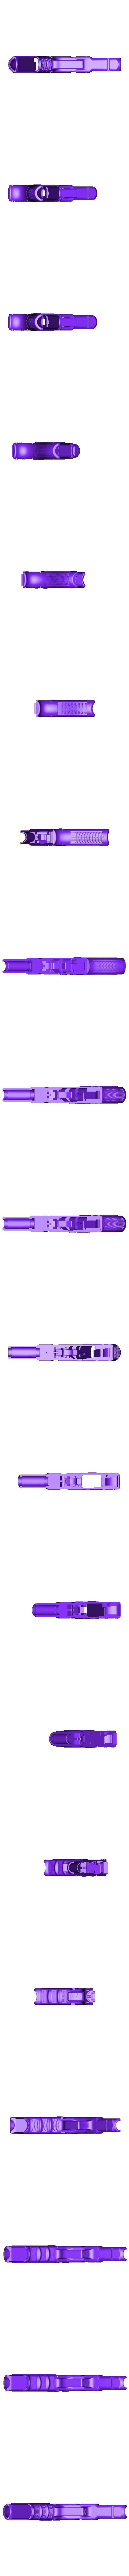 f17_d33p_ffmu_no-embellish.stl Télécharger fichier STL gratuit Glock 17 g17 • Design à imprimer en 3D, idy26